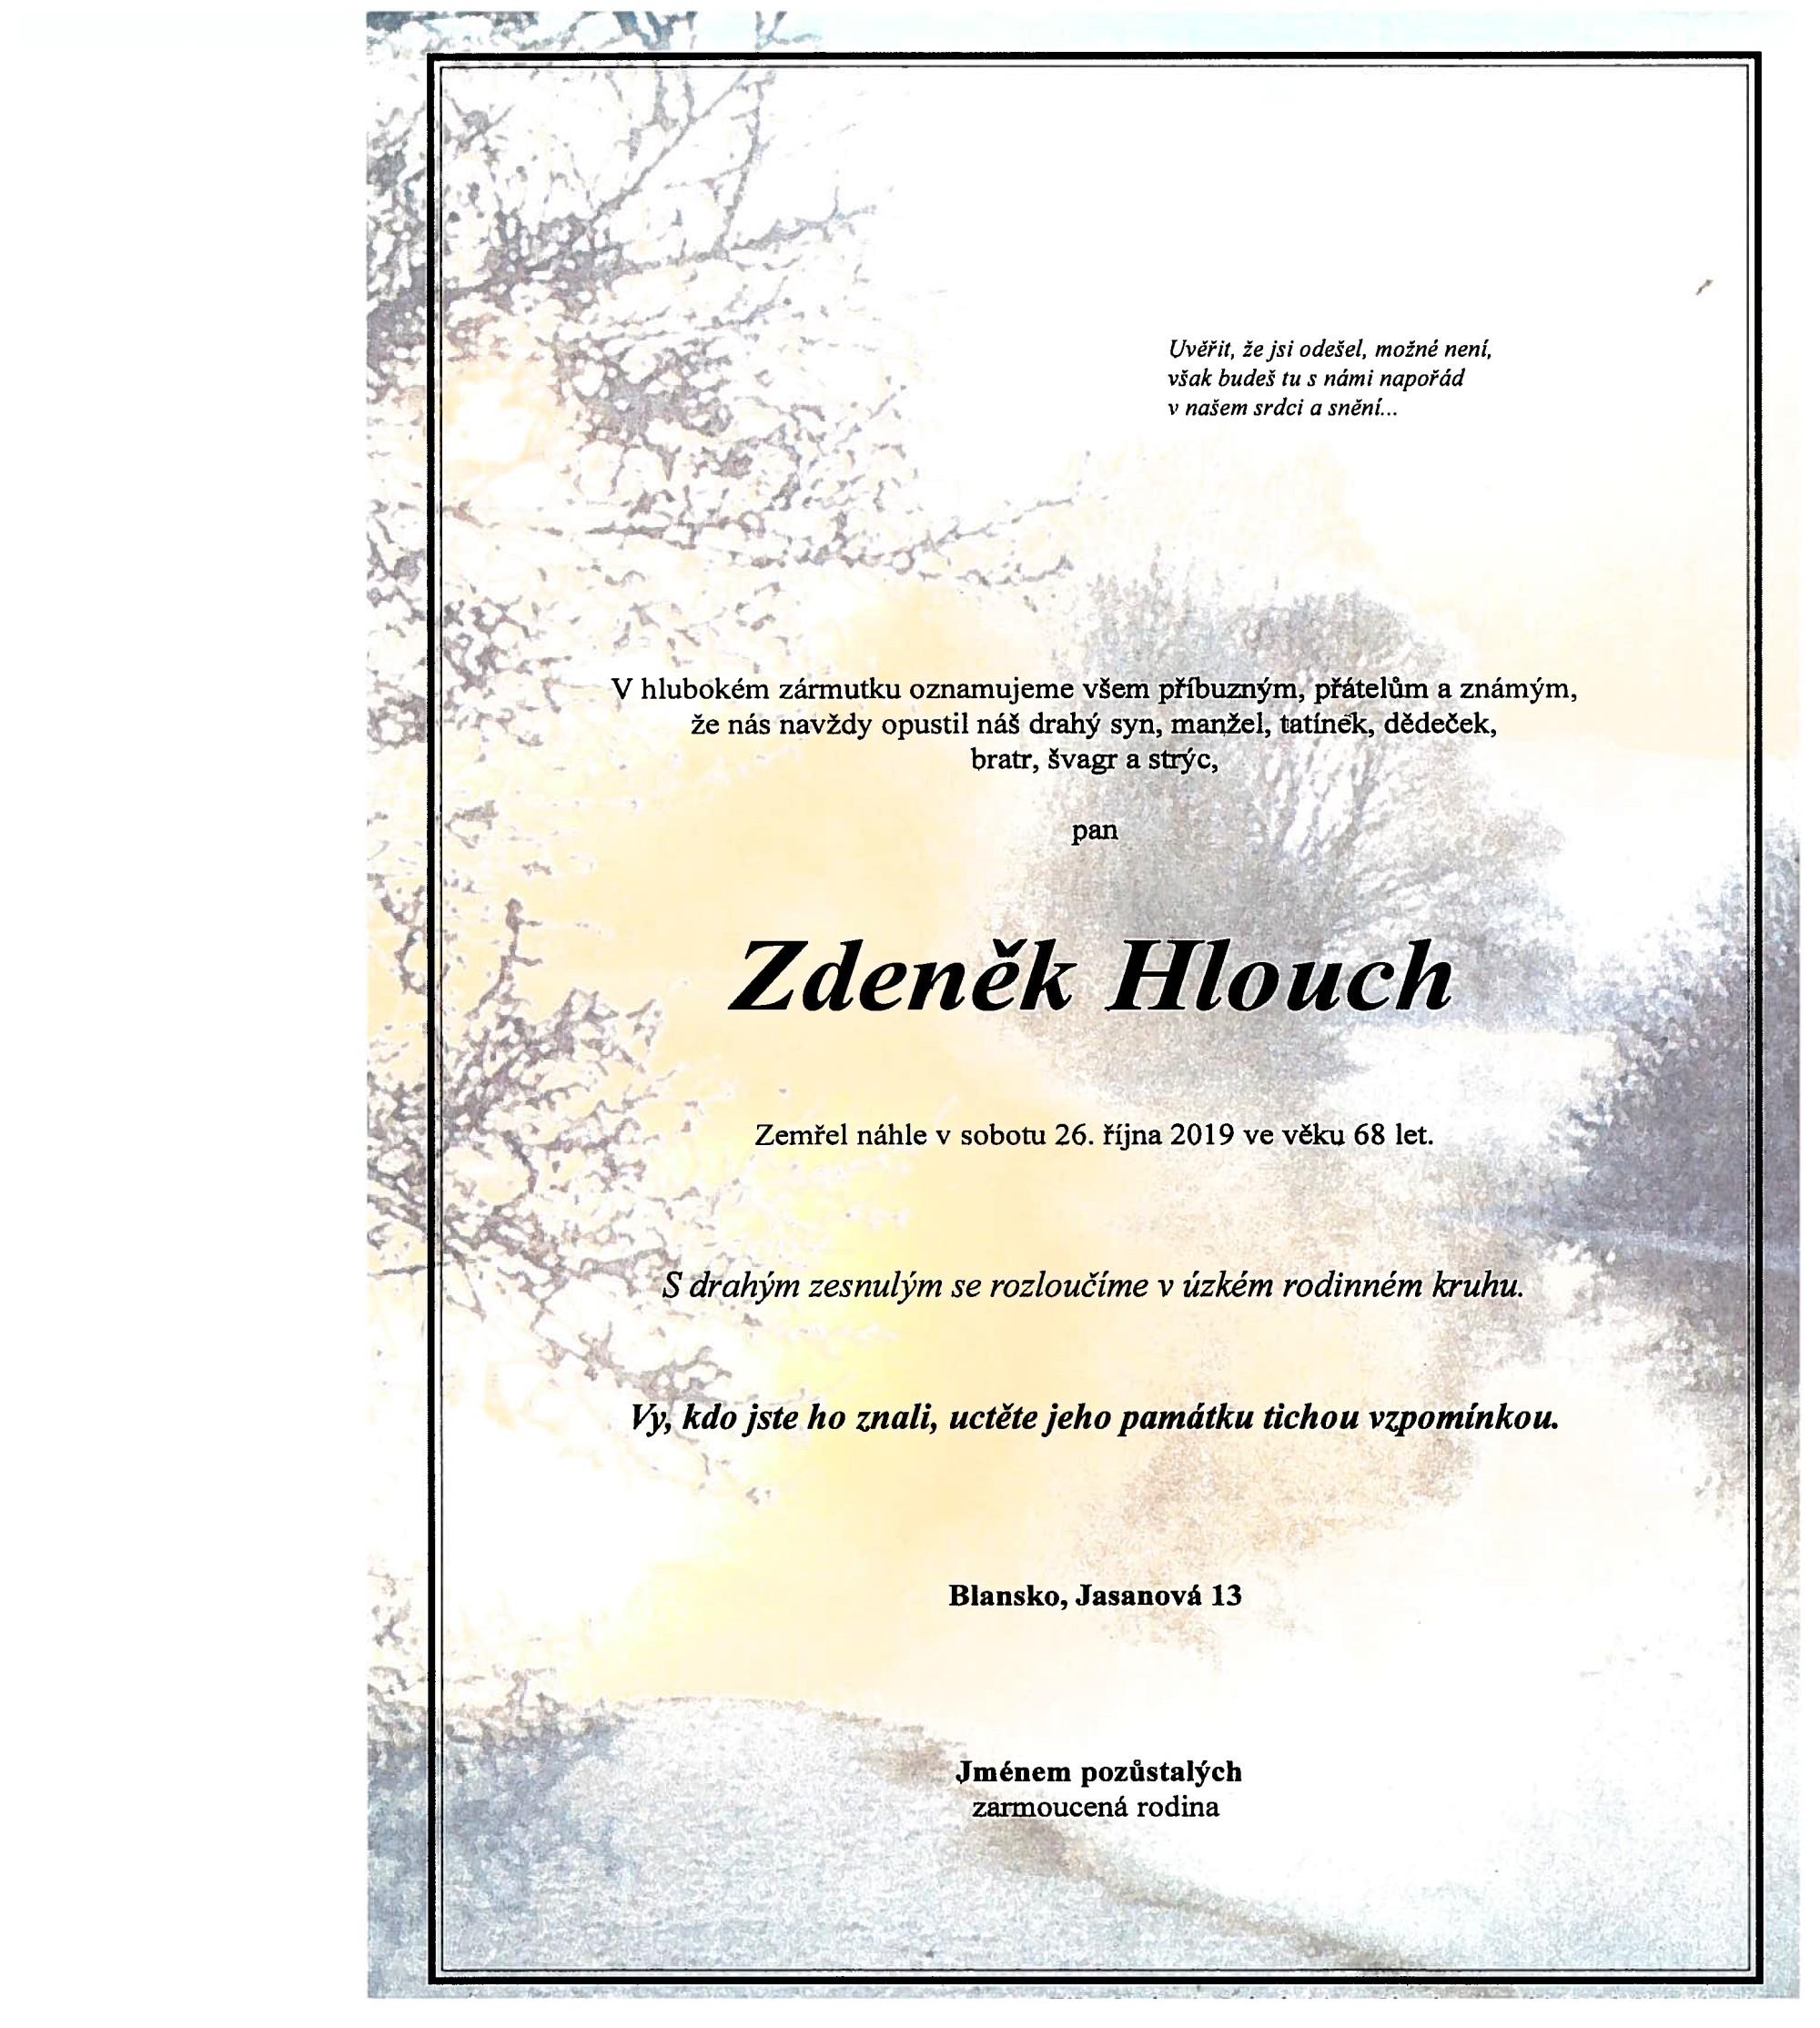 Zdeněk Hlouch